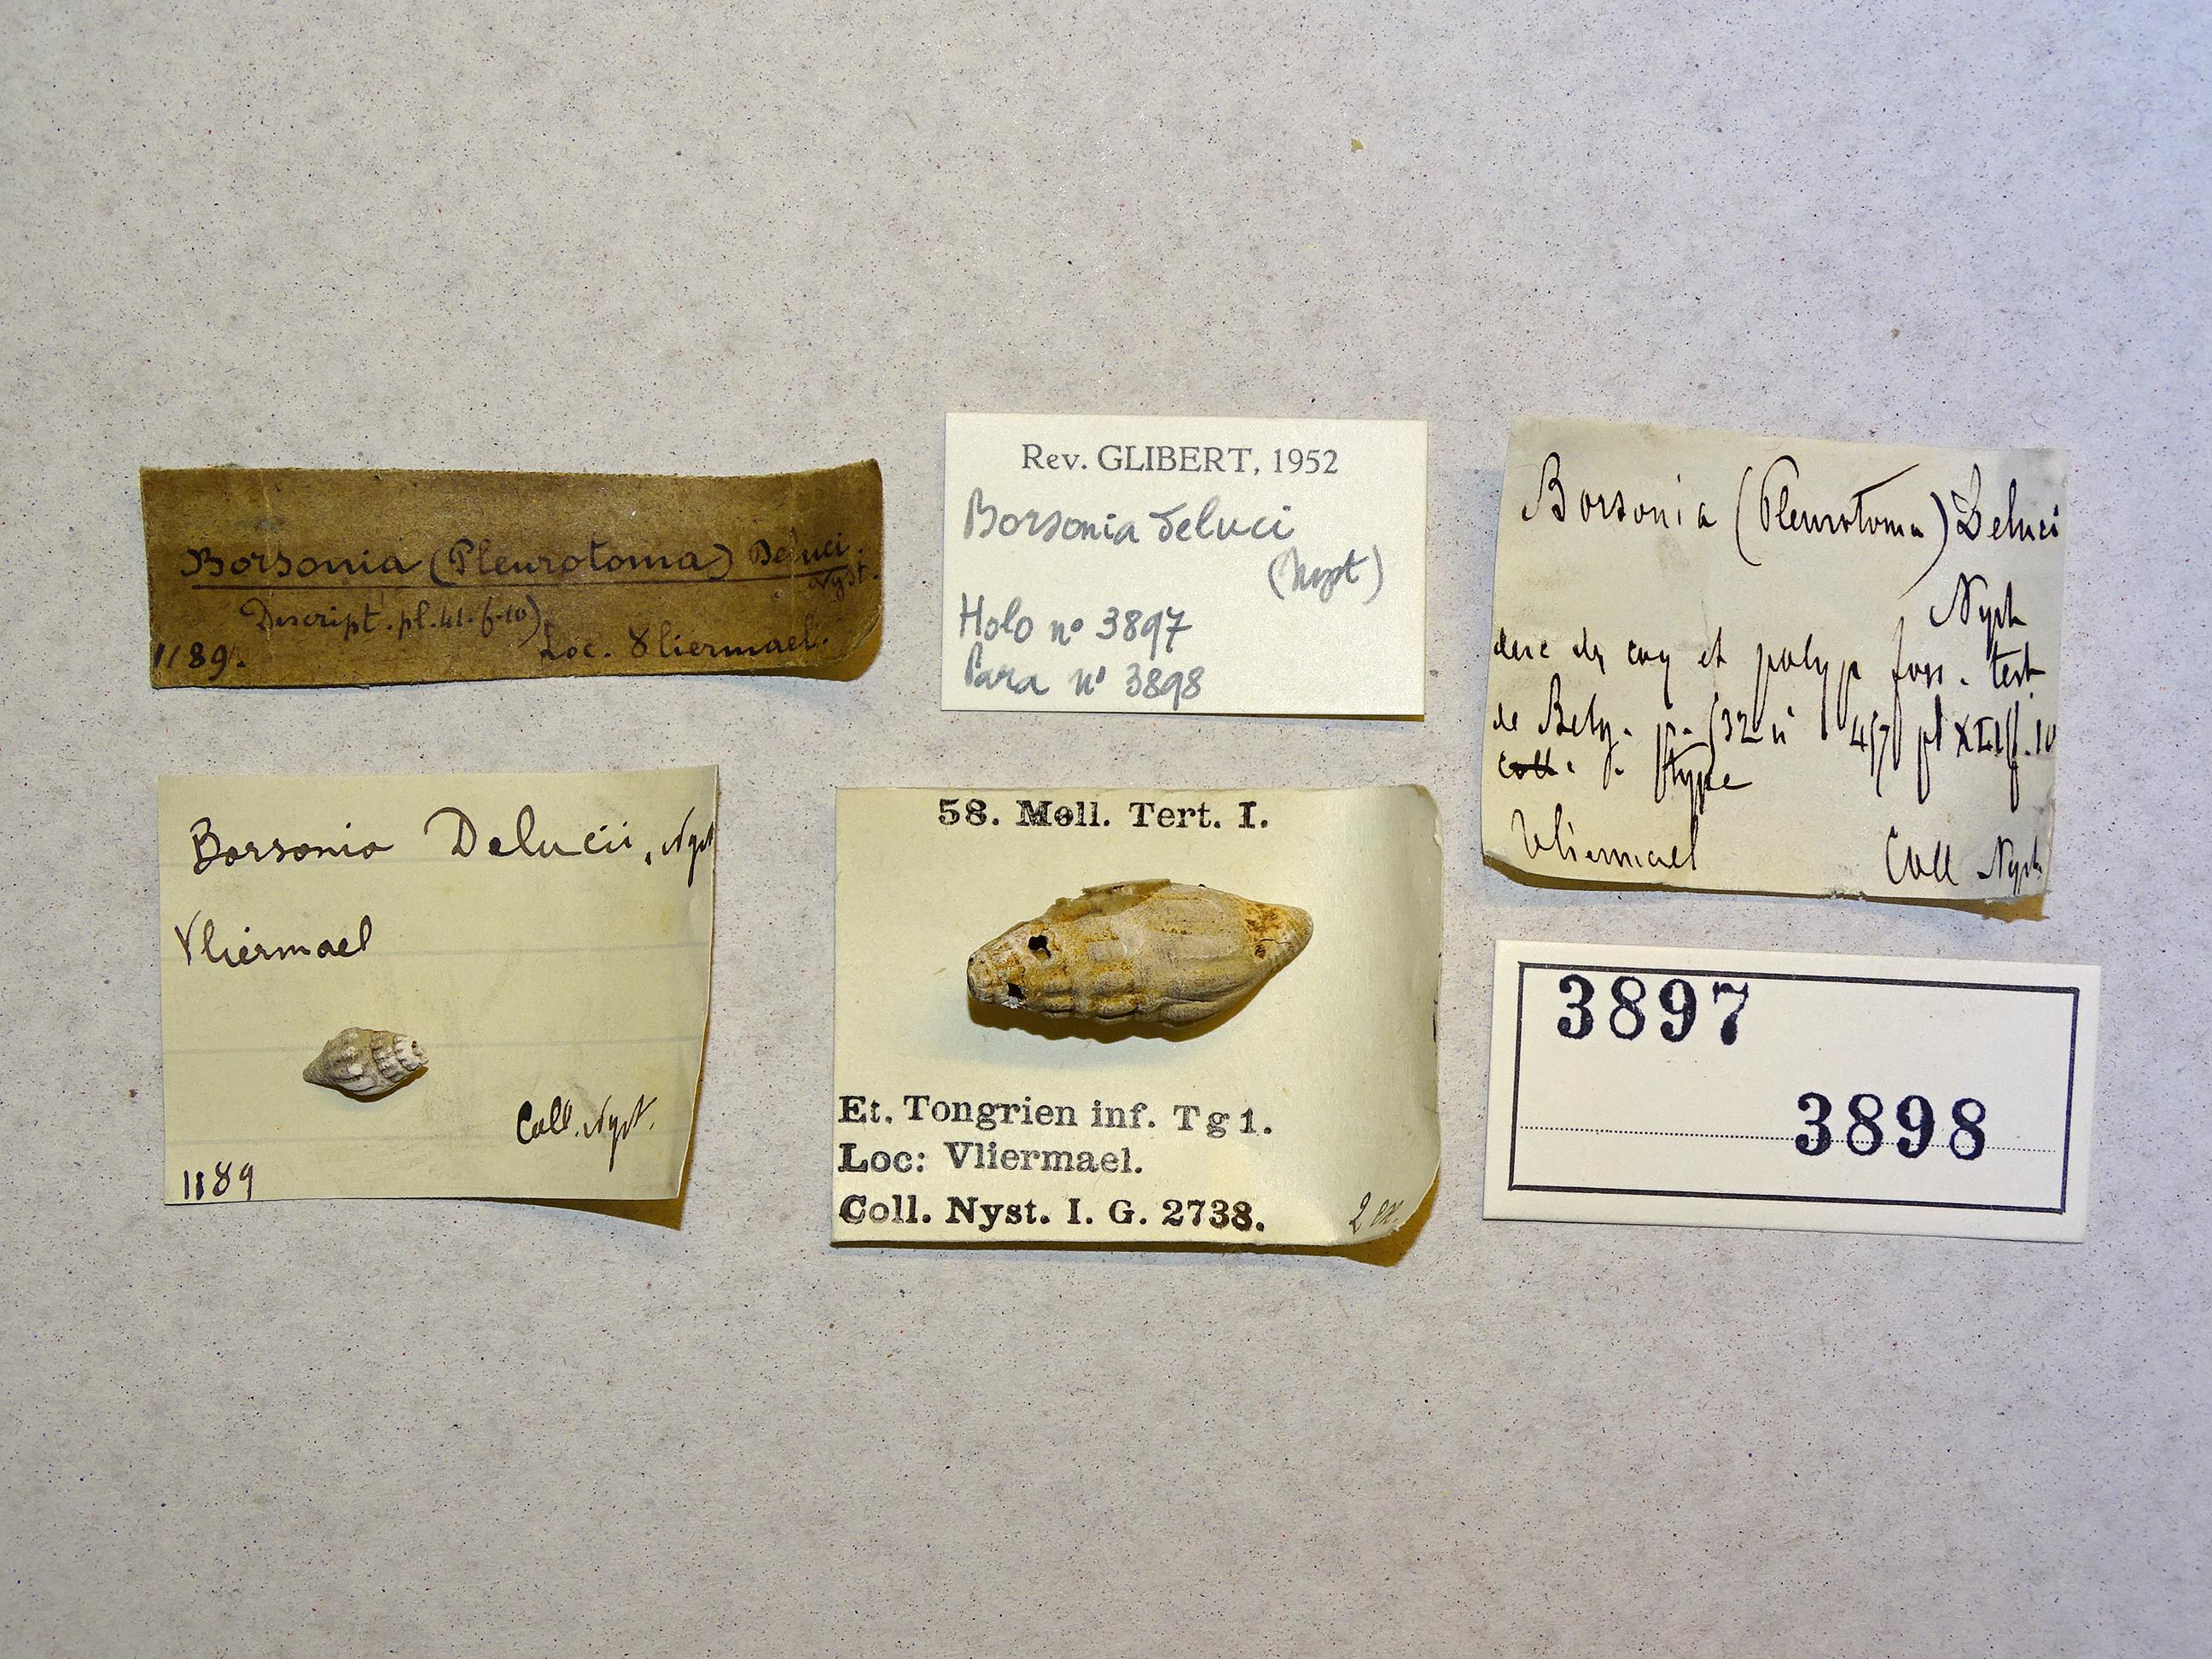 IRSNB 03897 (Borsonia teluci) Labels